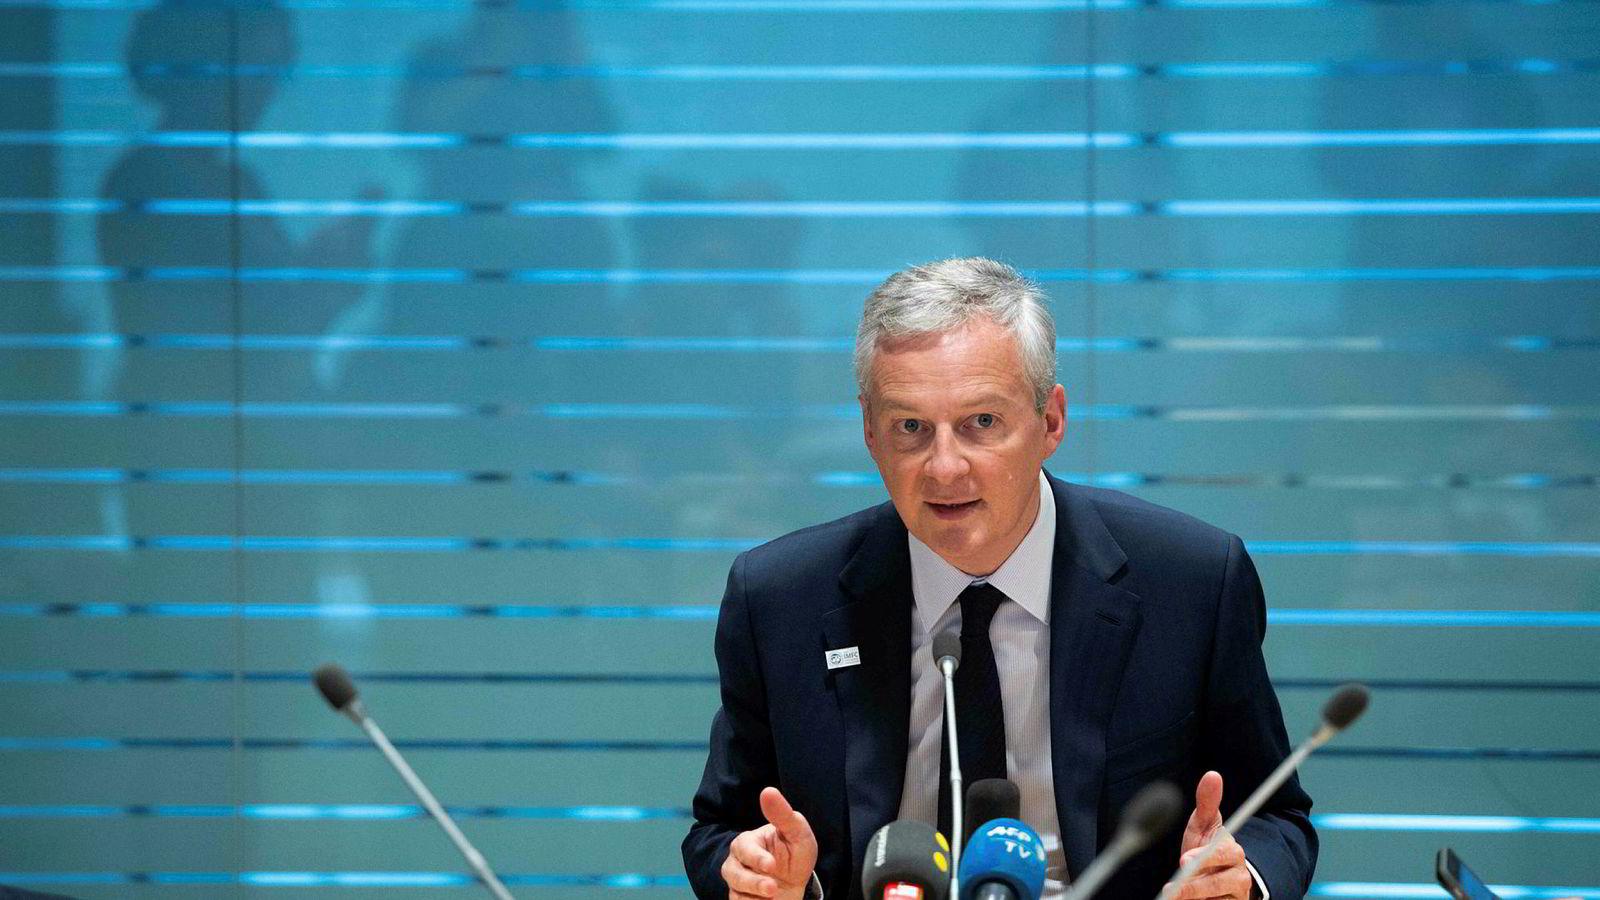 Frankrikes finansminister Bruno LeMaire mener eurosamarbeidet er i fare.